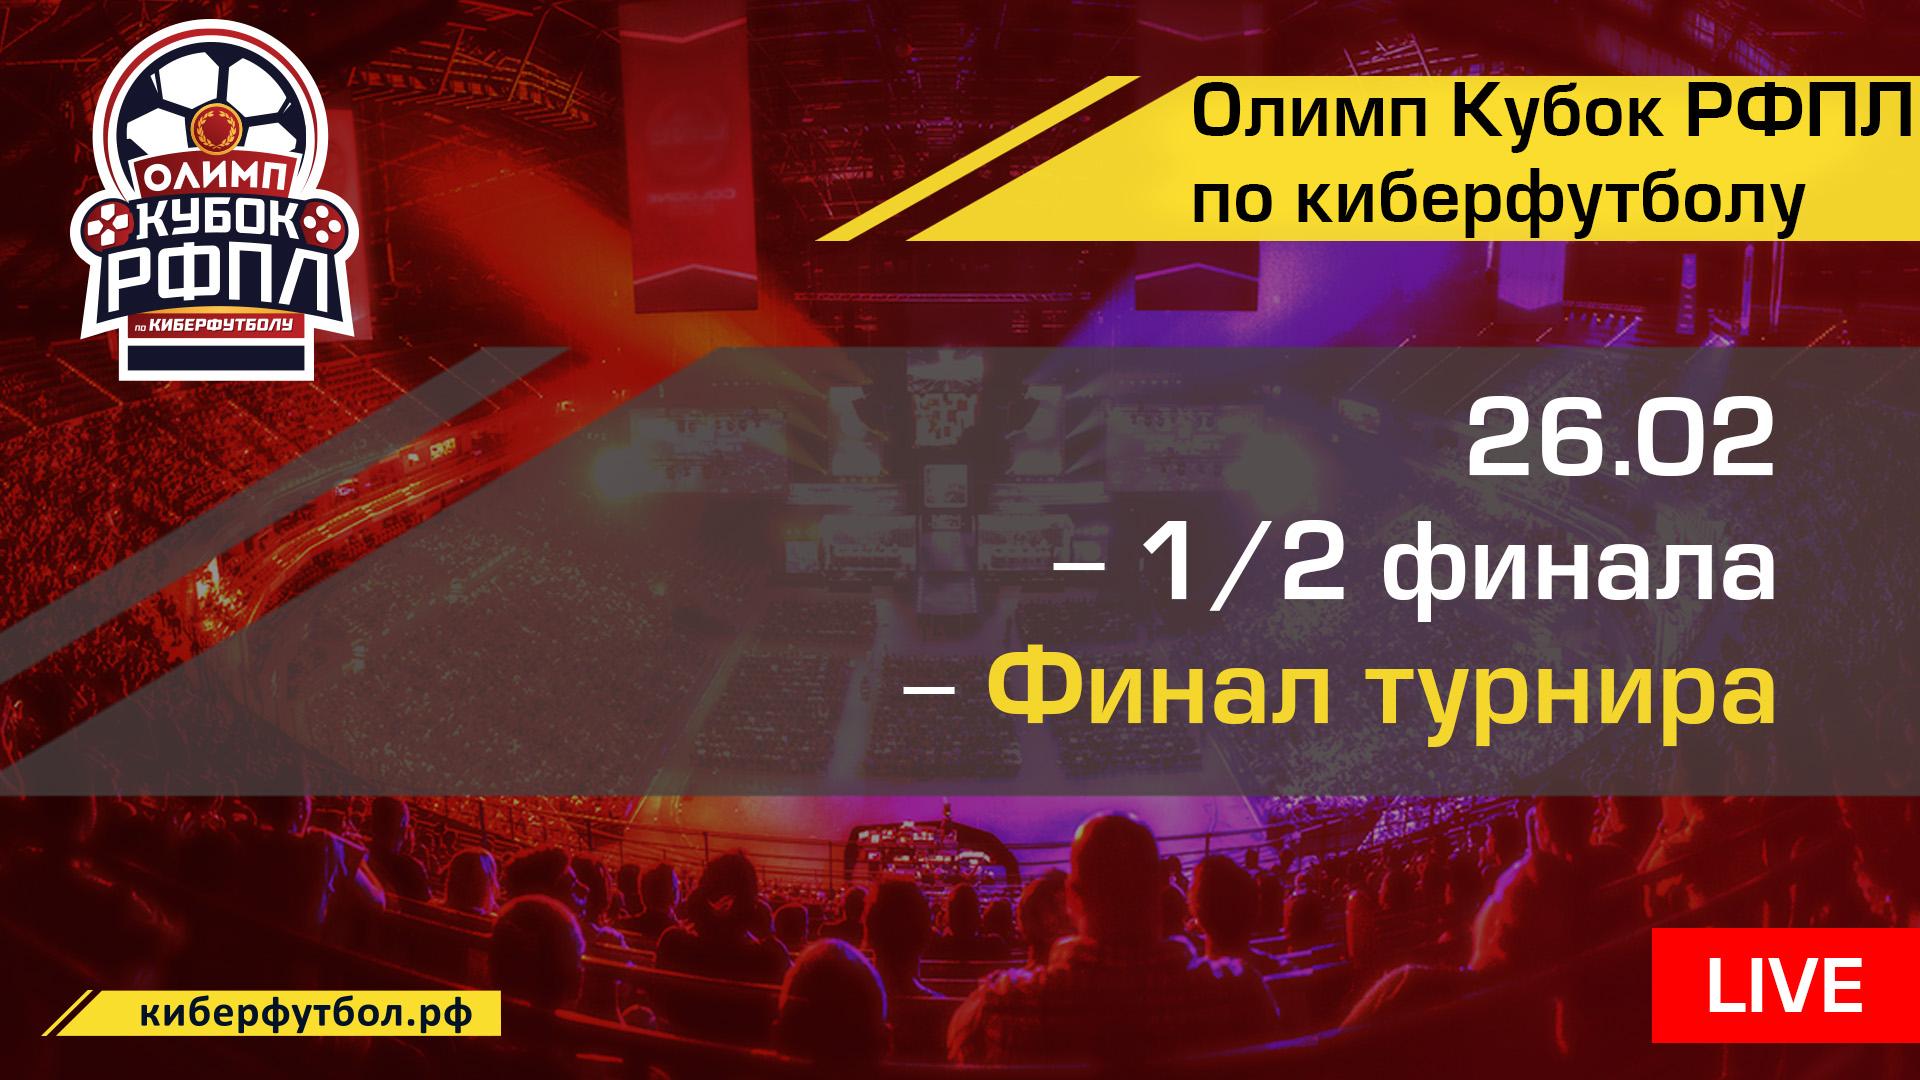 Онлайн трансляция 1/2 и финала «ОЛИМП Кубка РФПЛ по киберфутболу».